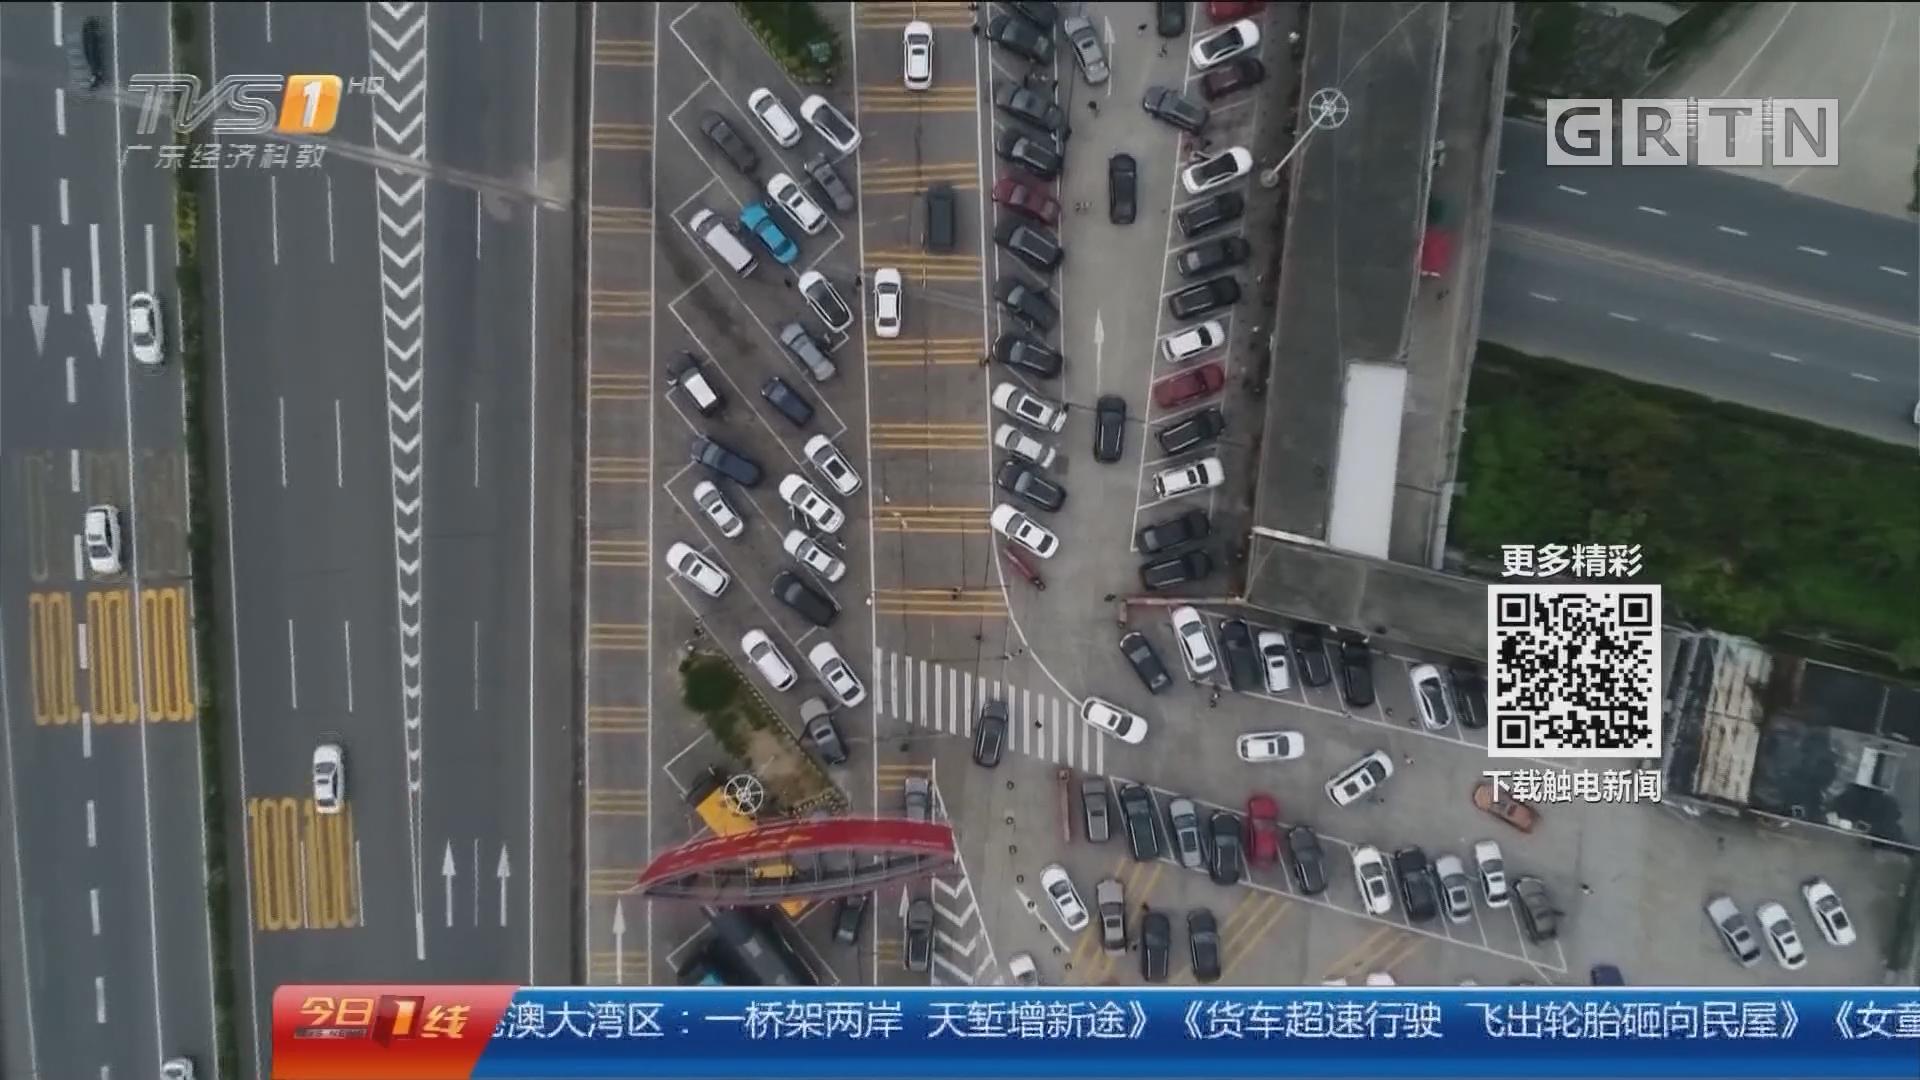 小长假交通:虎门大桥 航拍双向大车流 较去年车流减少20%